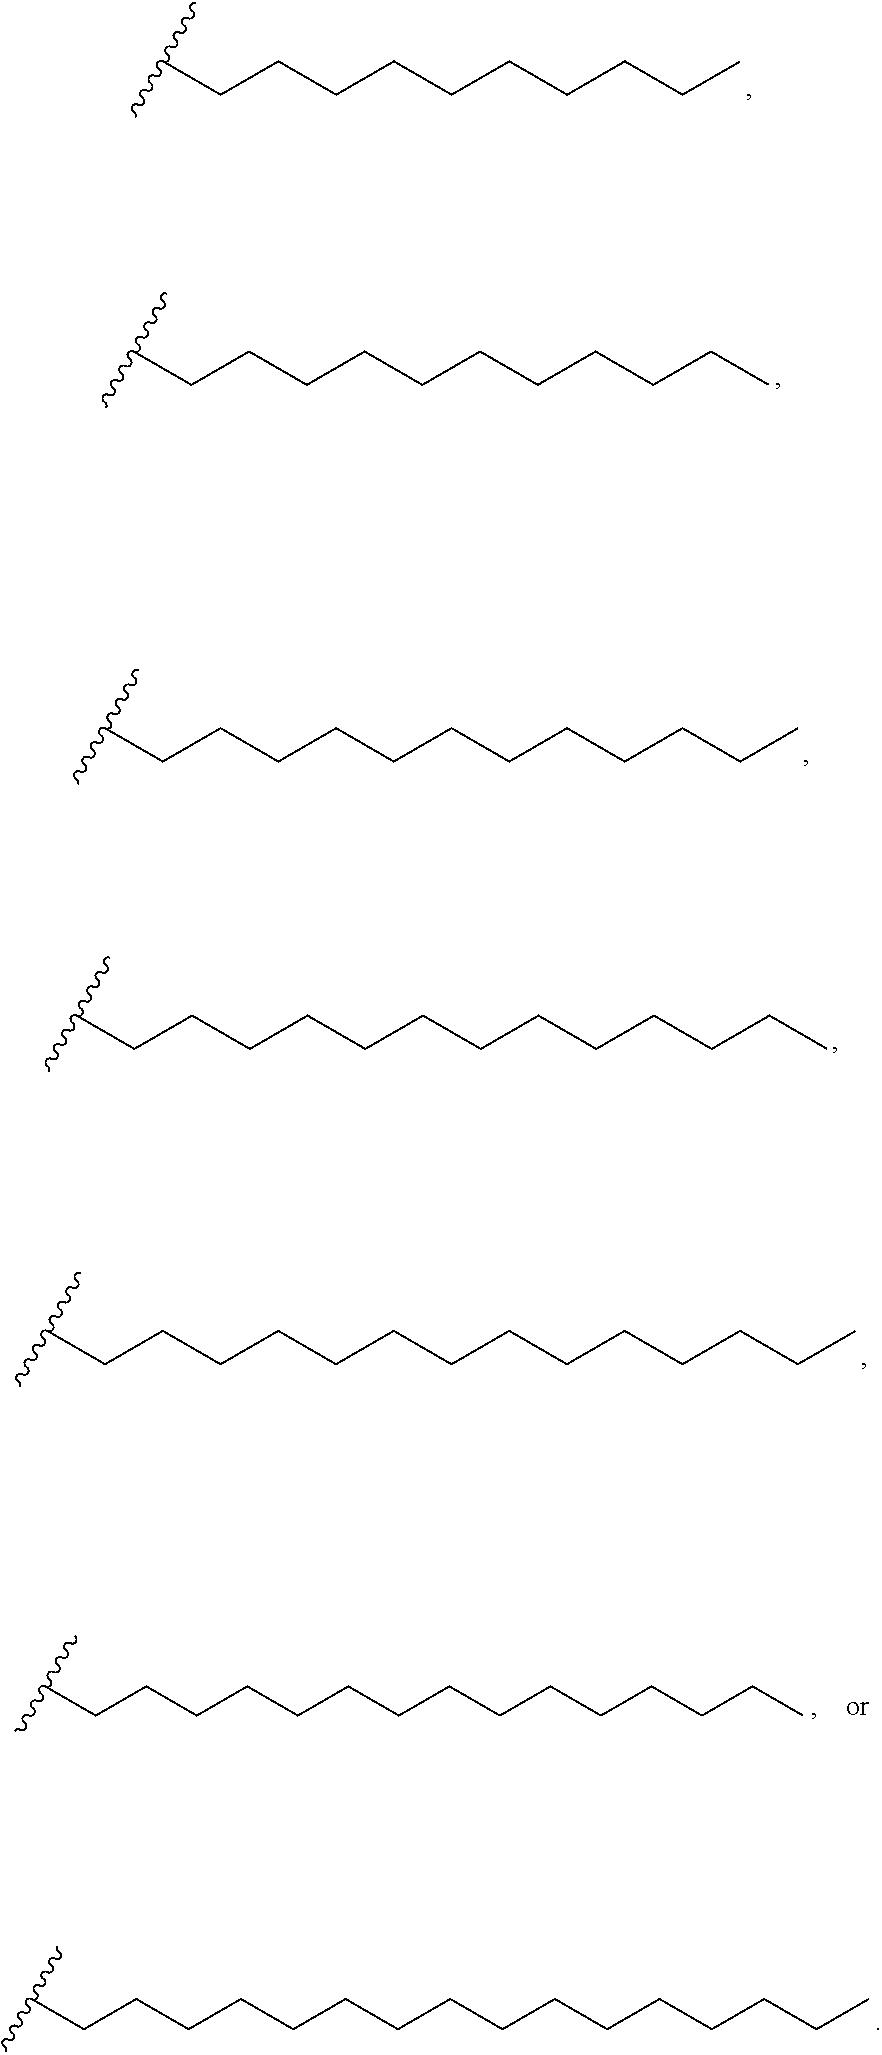 Figure US09902985-20180227-C00018